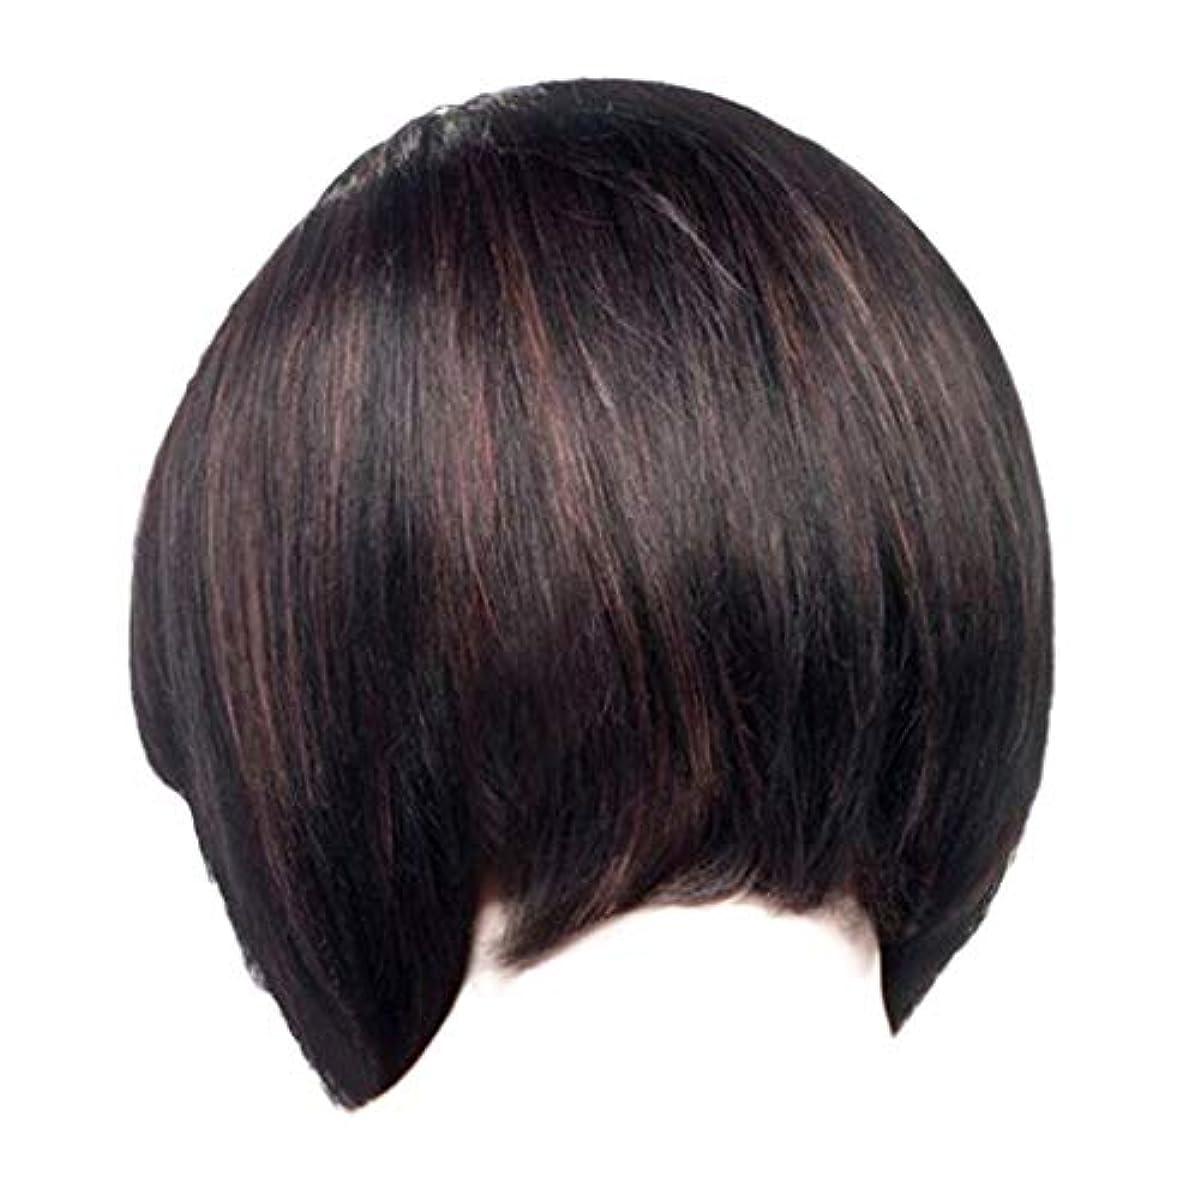 三番現在ブームウィッグレディースファッションブラックショートストレートヘアナチュラルウィッグローズヘアネット